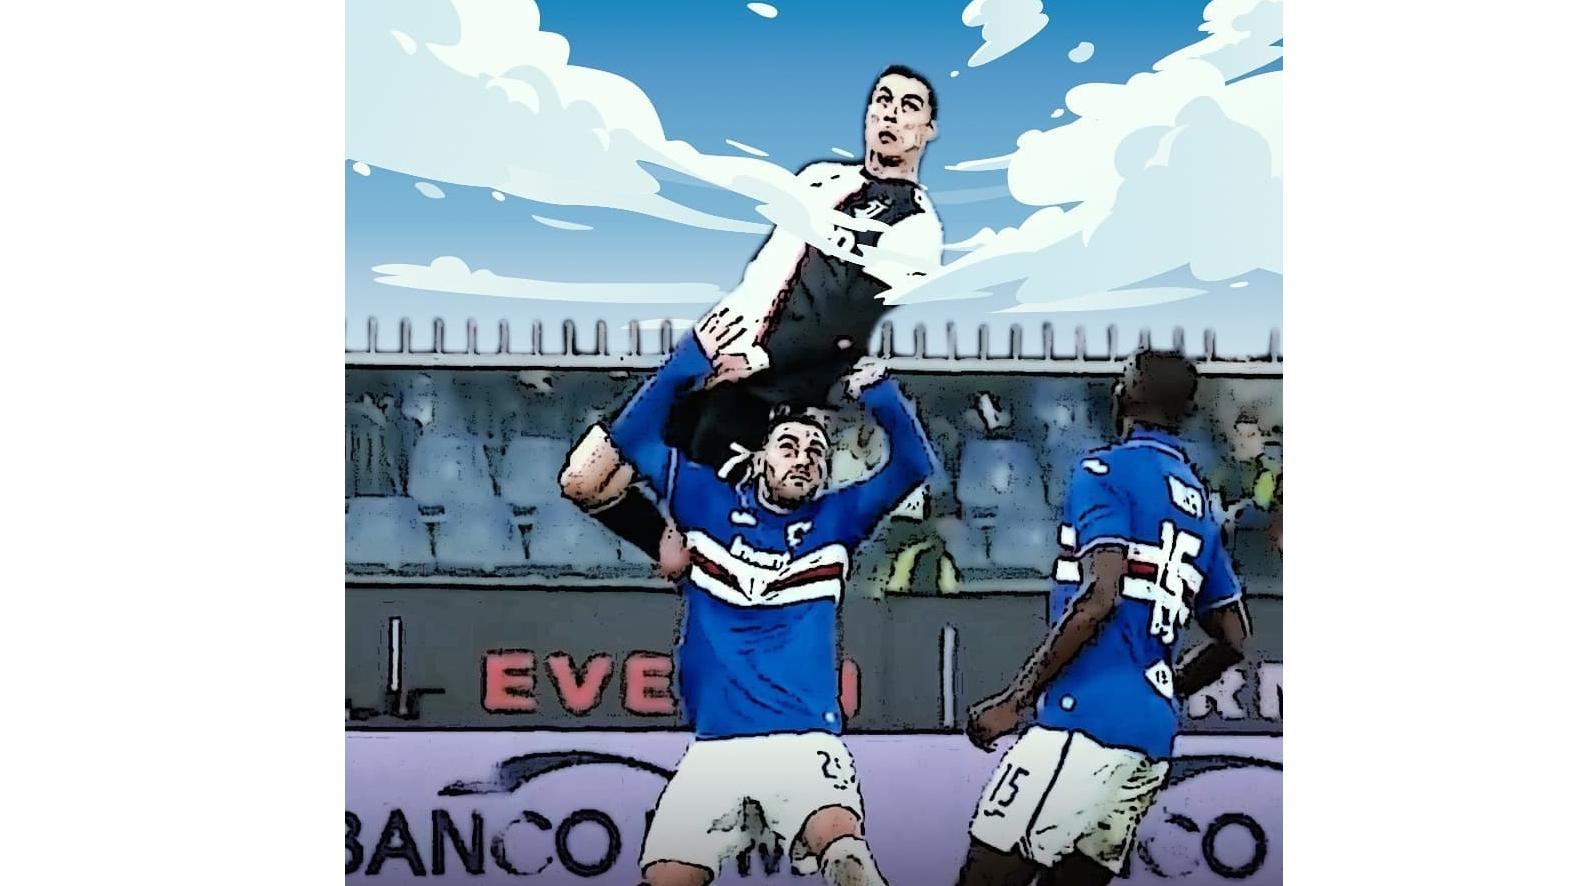 Ronaldo, Cristiano Ronaldo, ronaldo nhảy cao, ronaldo bật cao, ronaldo đánh đầu, Juventus, Sampdoria, ronaldo